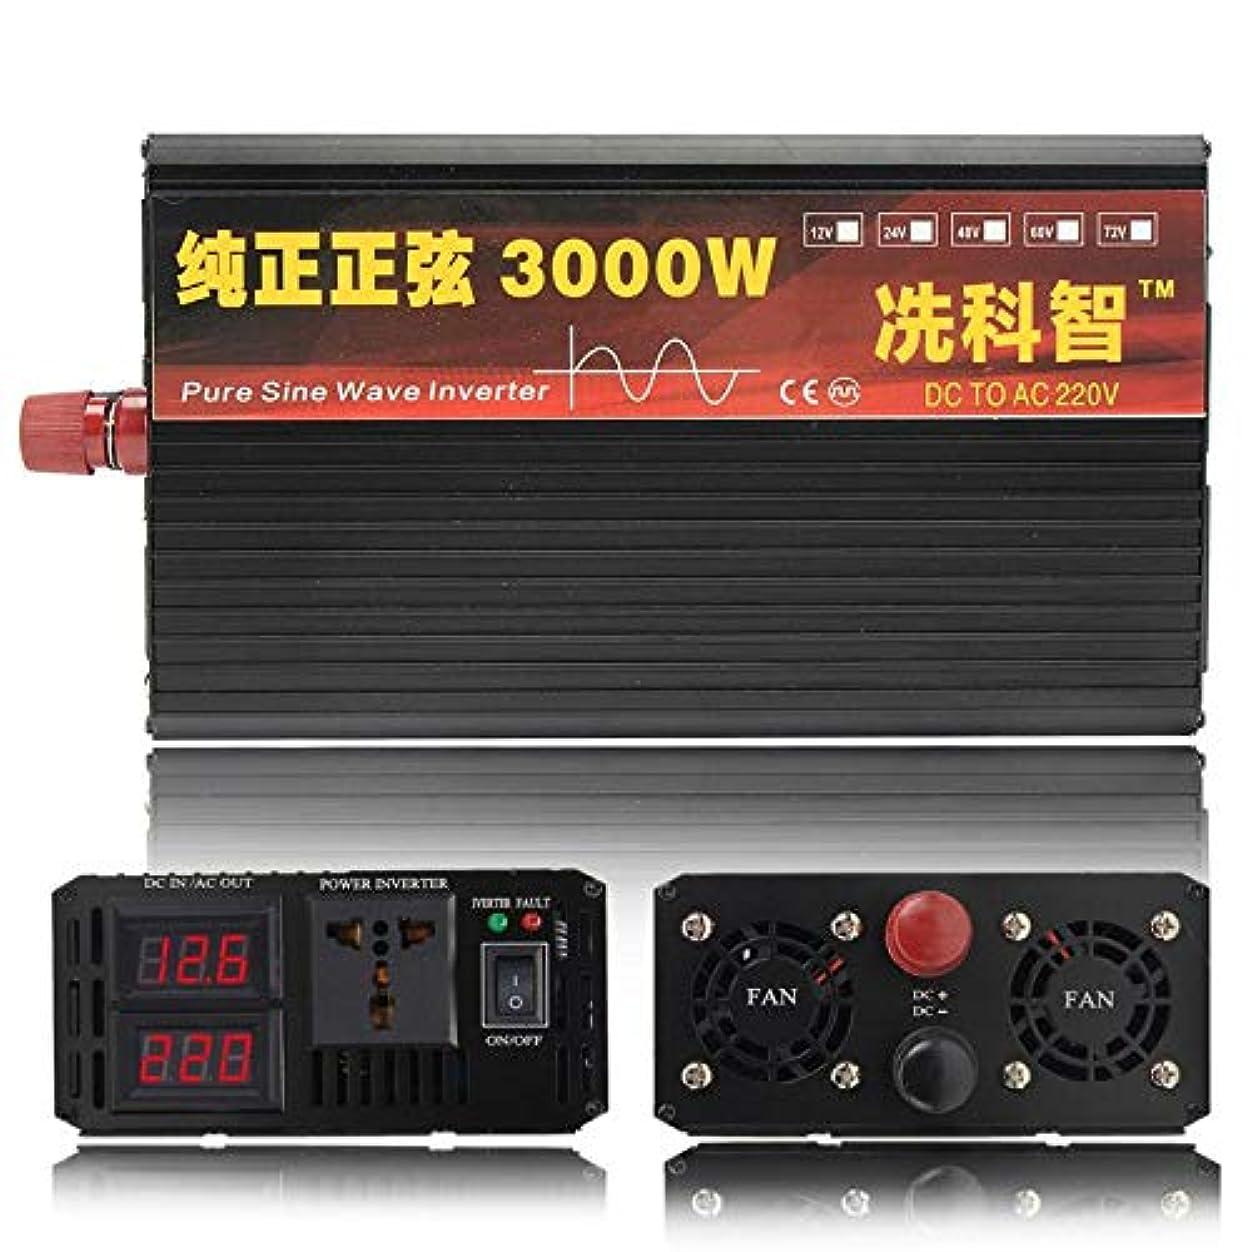 菊不安ケントインバーター12V 220V 2000/3000 / 4000W変圧器純粋な正弦波力インバーターDC12VからAC 220Vコンバーター+ 2 LEDディスプレイ